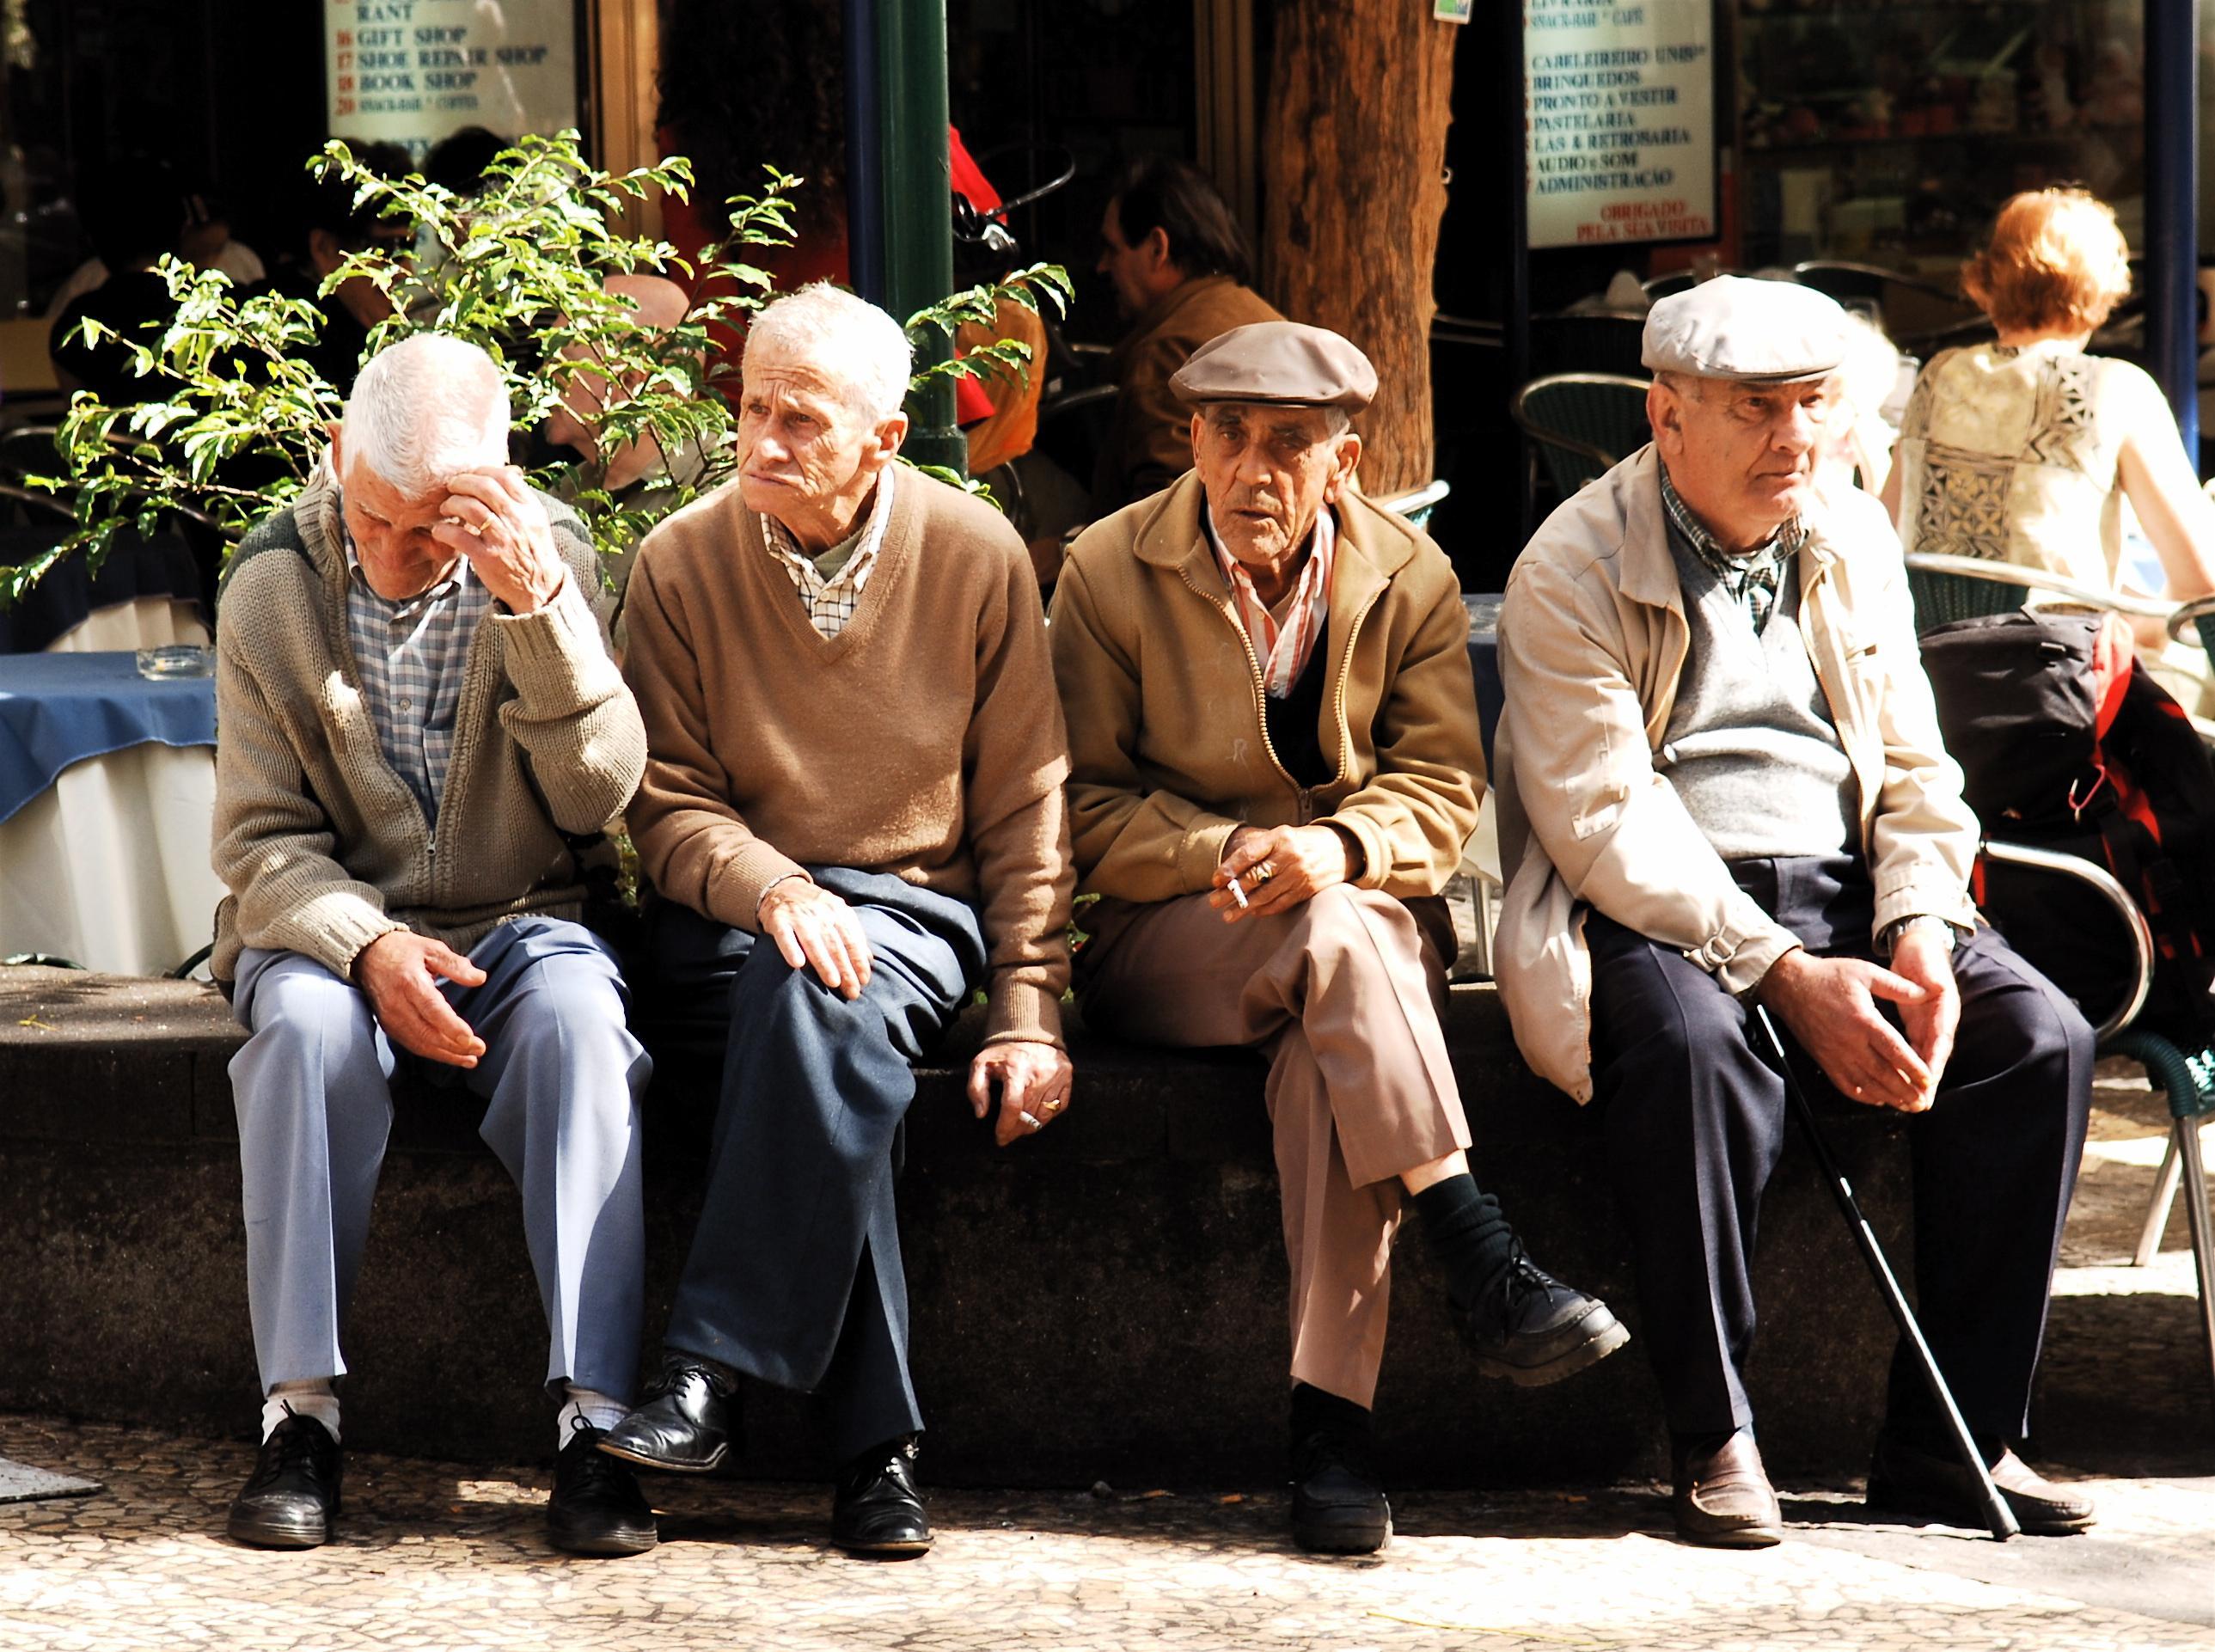 Уничтожение дряхлых клеток для замедления старения — тест на людях